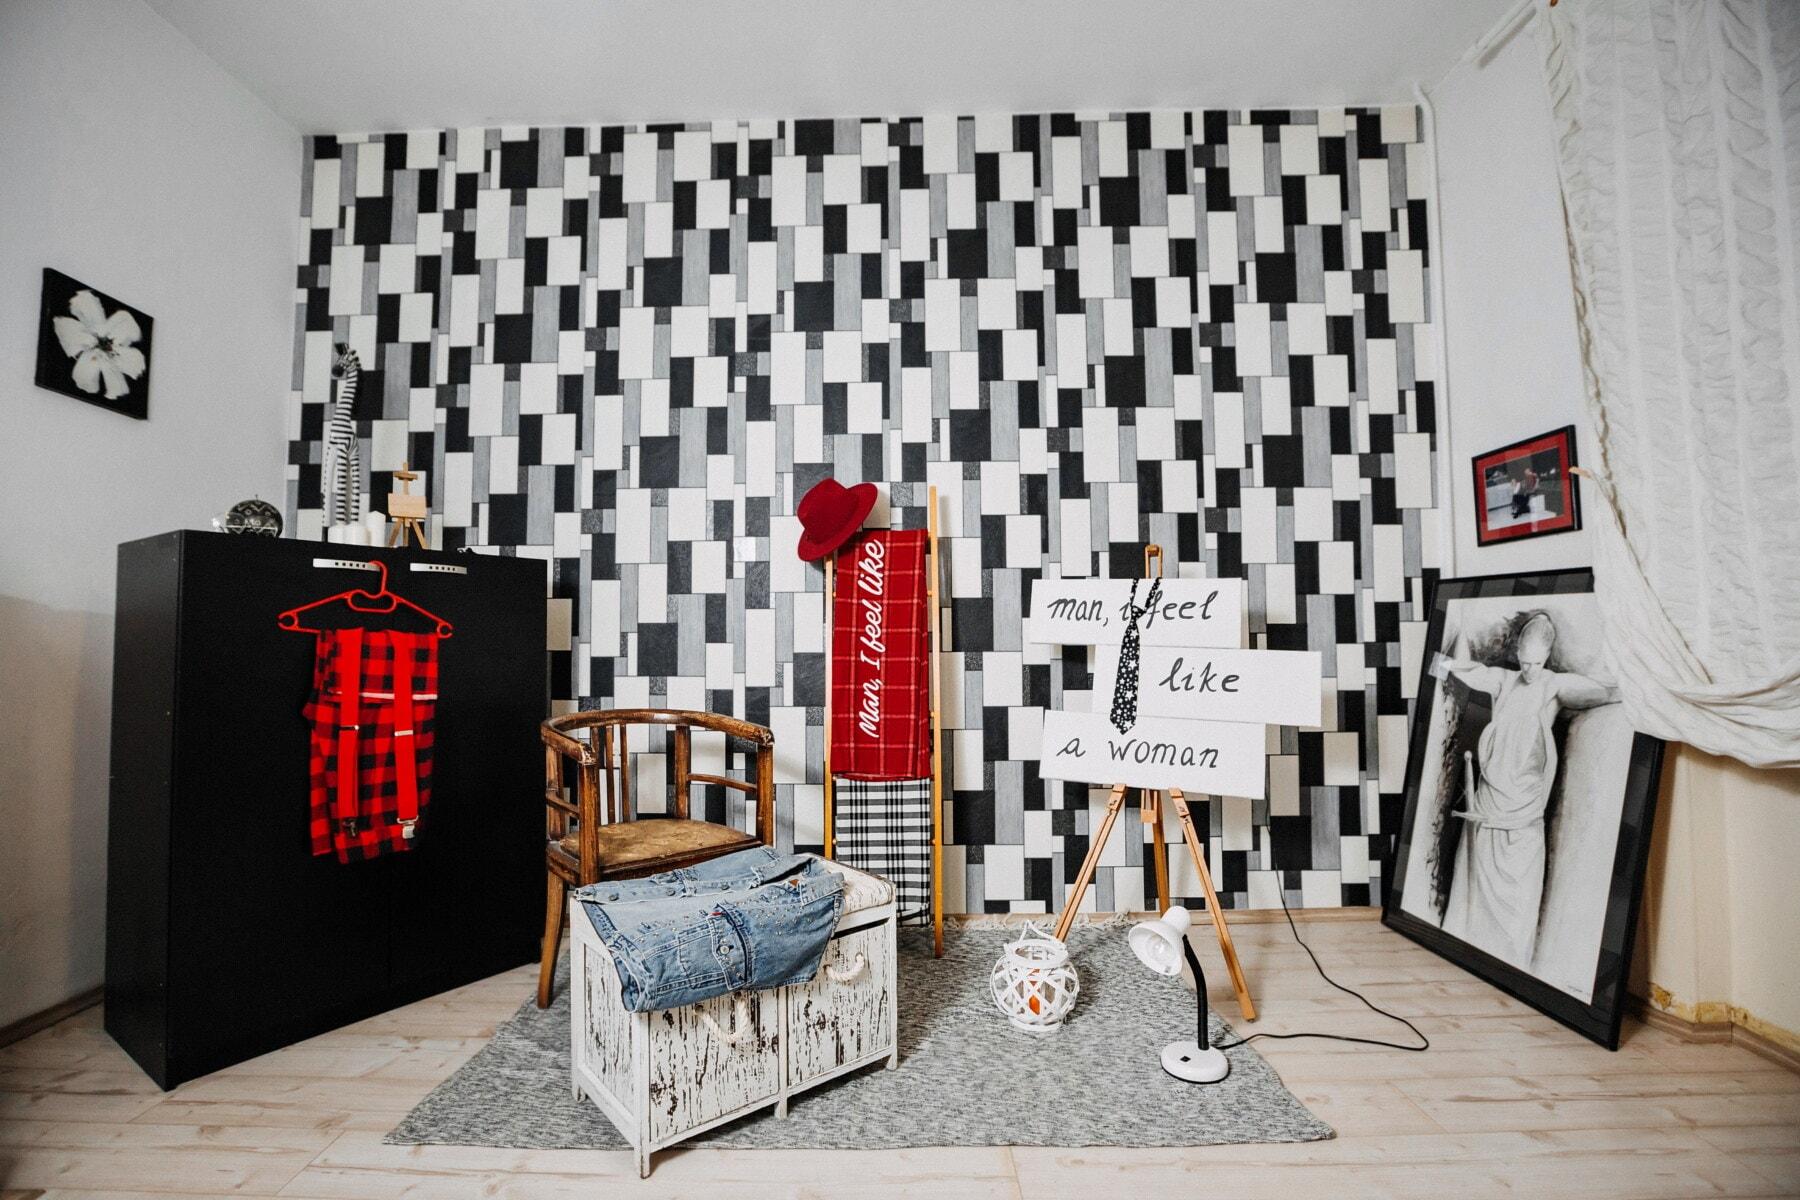 室内设计, 看中, 文本, 女性, 消息, 夹克, hat, 风格, 衣服, 时尚